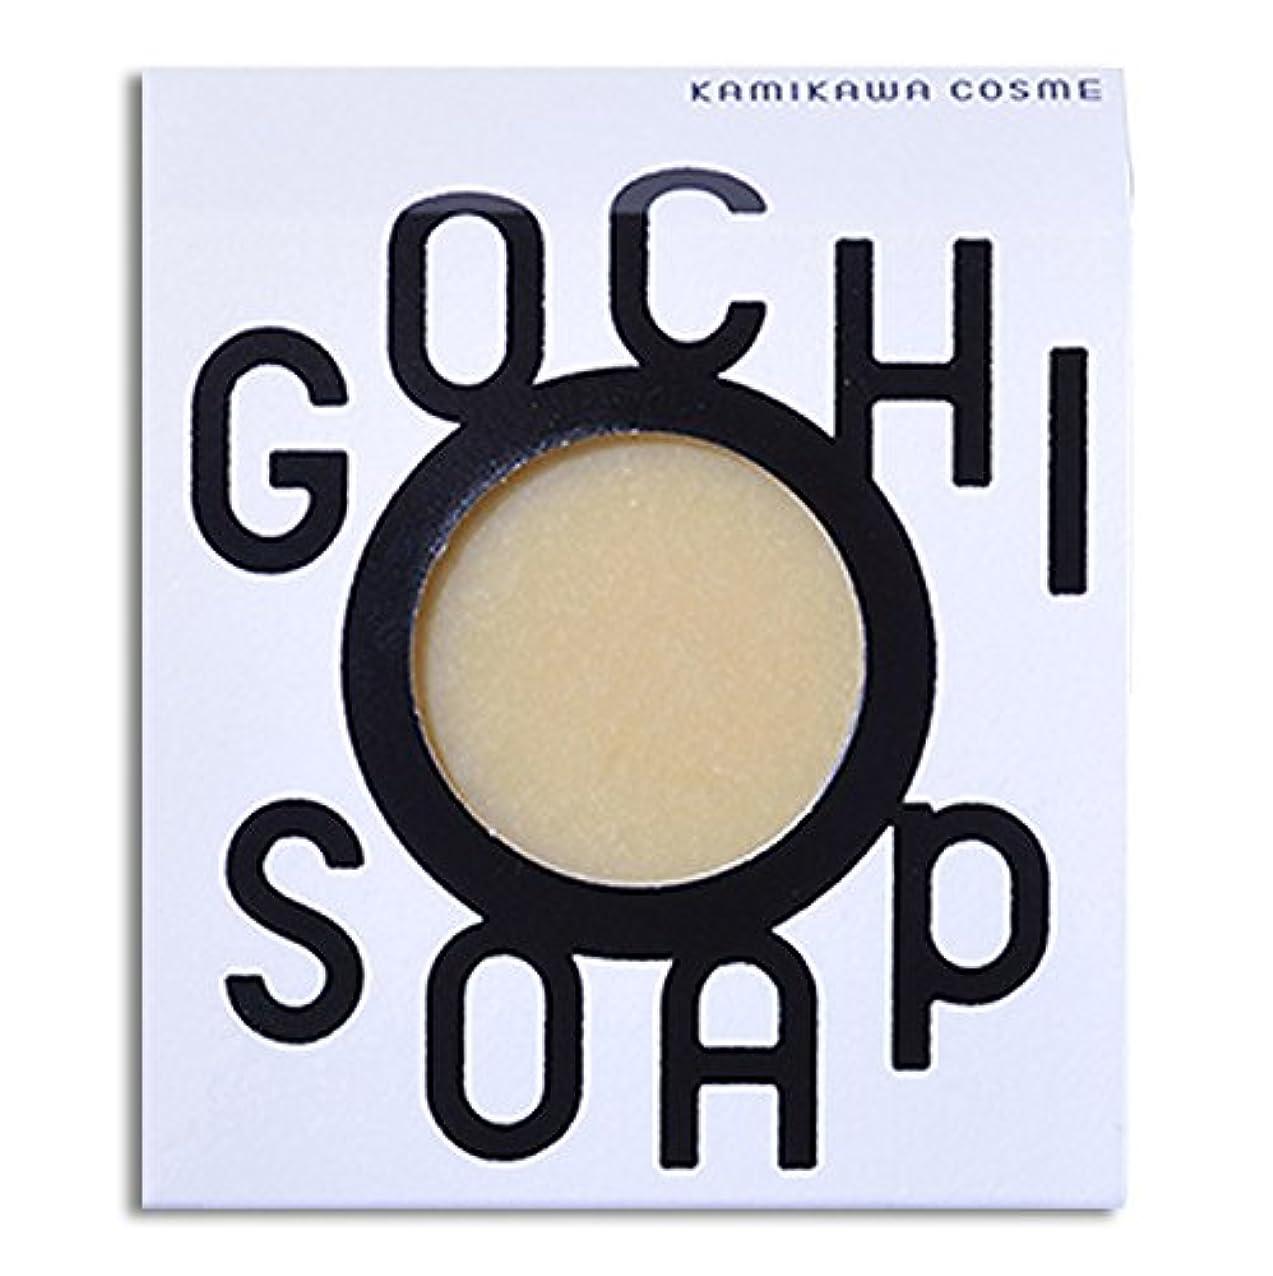 病者報酬のウェイド道北の素材を使用したコスメブランド GOCHI SOAP(山路養蜂園の蜂蜜ソープ?ふじくらますも果樹園のりんごソープ)各1個セット